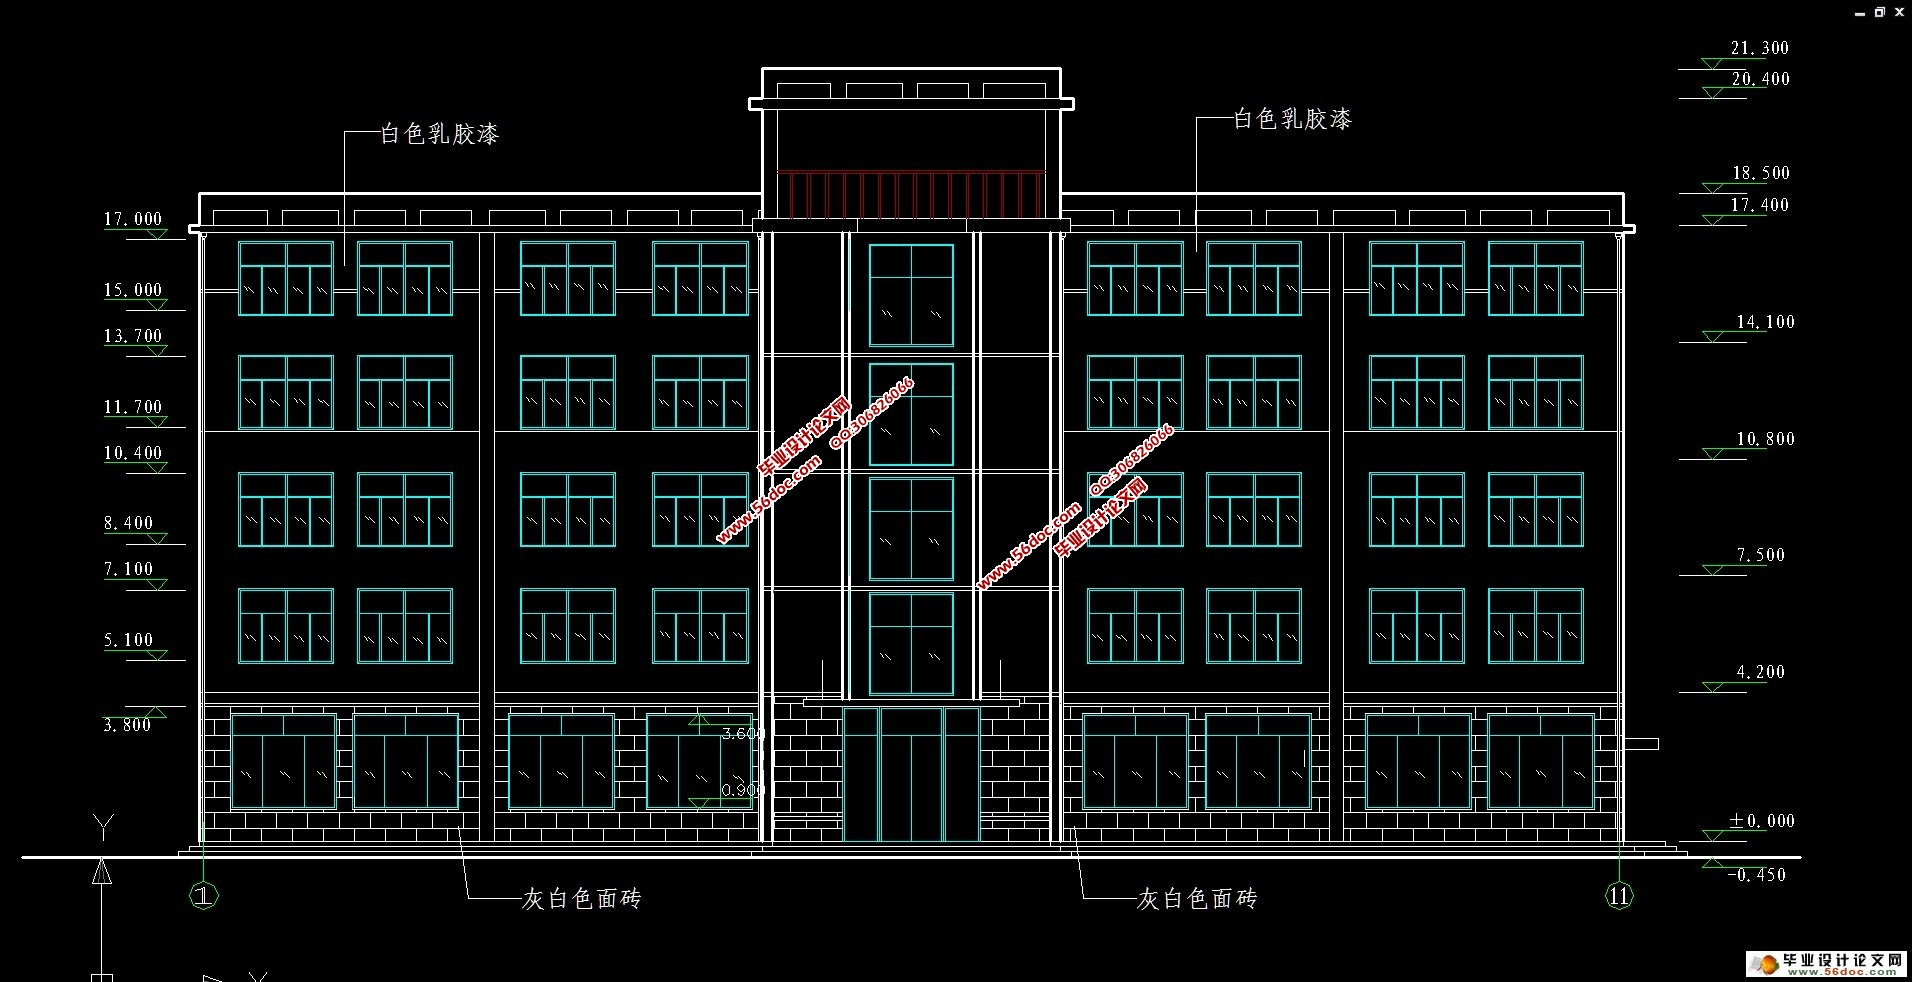 五层3156平米框架结构公司办公楼设计(建筑图,结构图,PKPM)(任务书,开题报告,计算书35000字,实习报告,建筑图11张,结构图15张,PKPM,答辩PPT) 本工程为江苏中仪自动化仪表有限公司办公楼工程,采用框架结构,主体为五层,本地区抗震设防烈度为7度,场地类别为类场地。基本风压0.35kN/m2,基本雪压0.